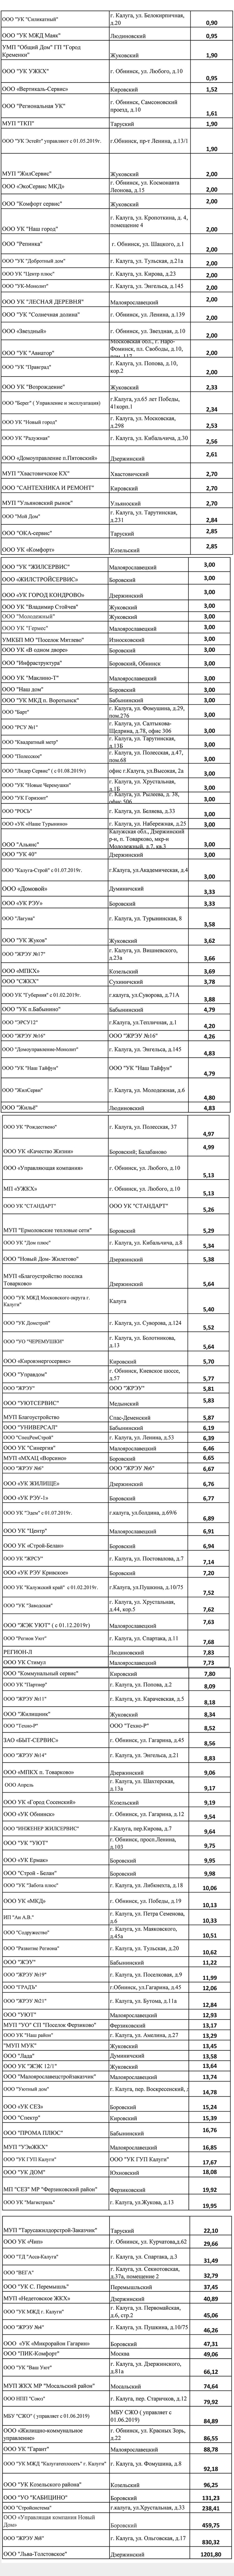 Рейтинг ЖКХ 2020 года в Калуге